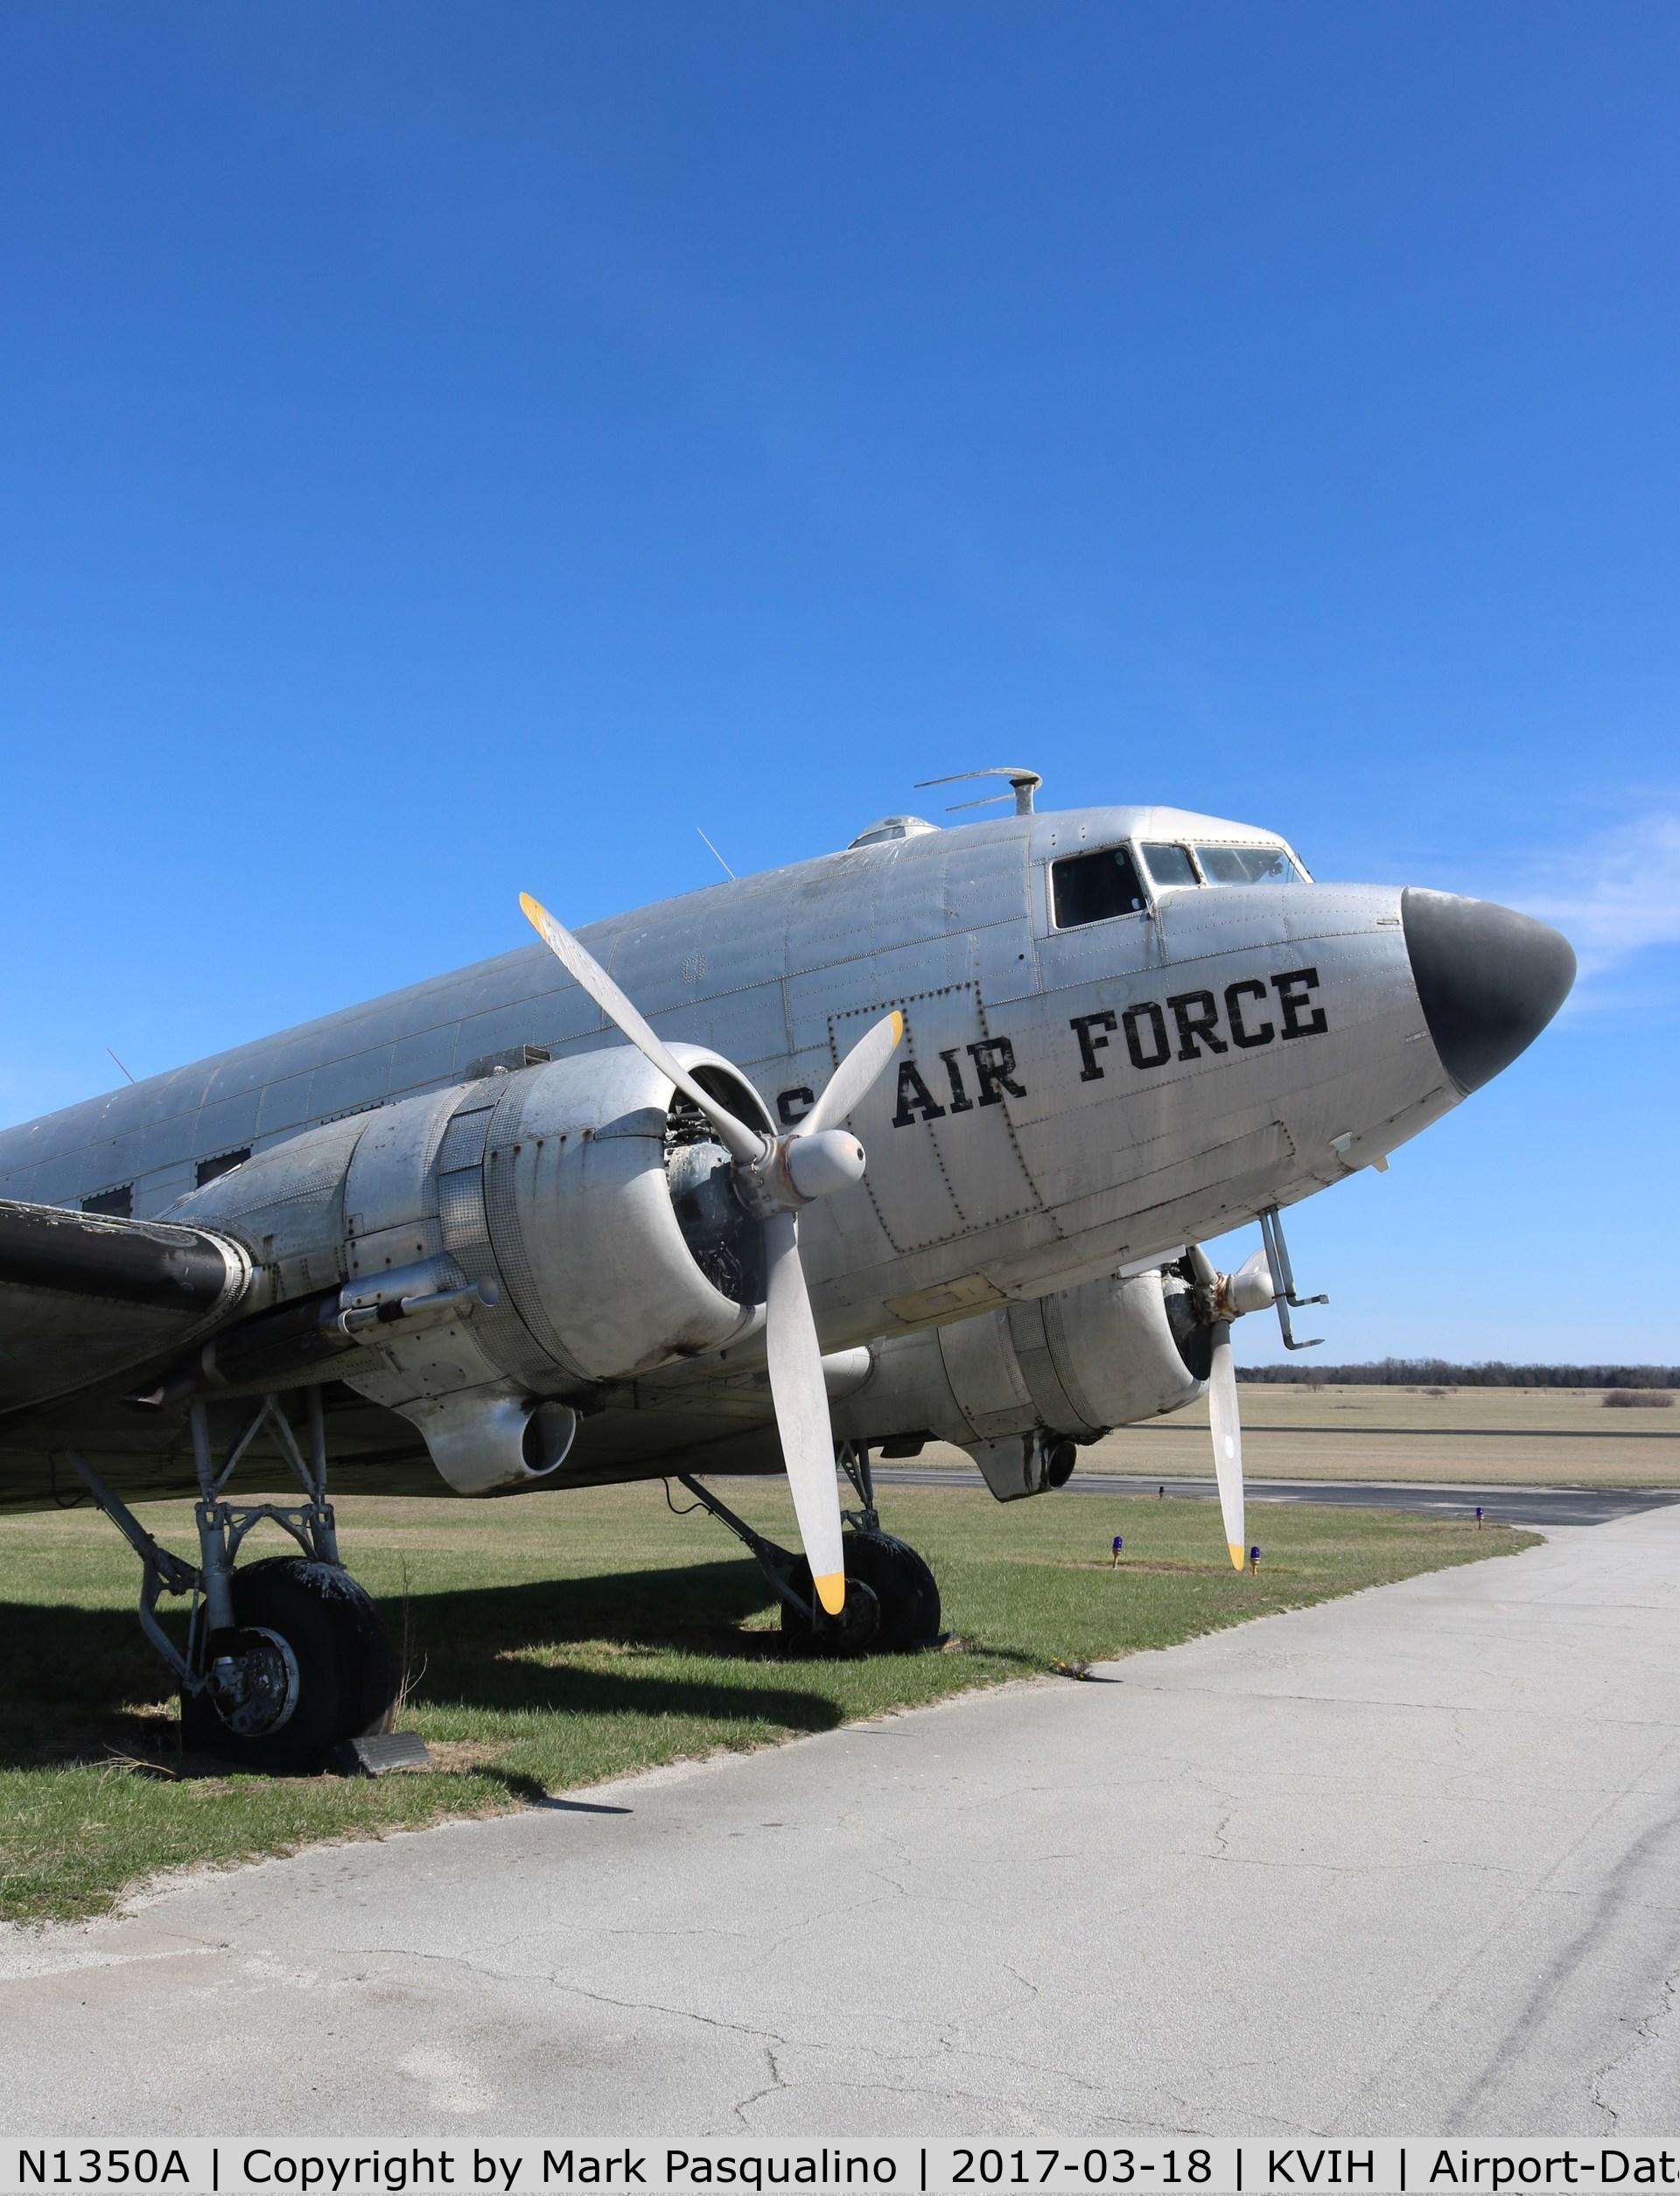 N1350A, 1944 Douglas C-47B Skytrain C/N 16285/33032, Douglas C-47B